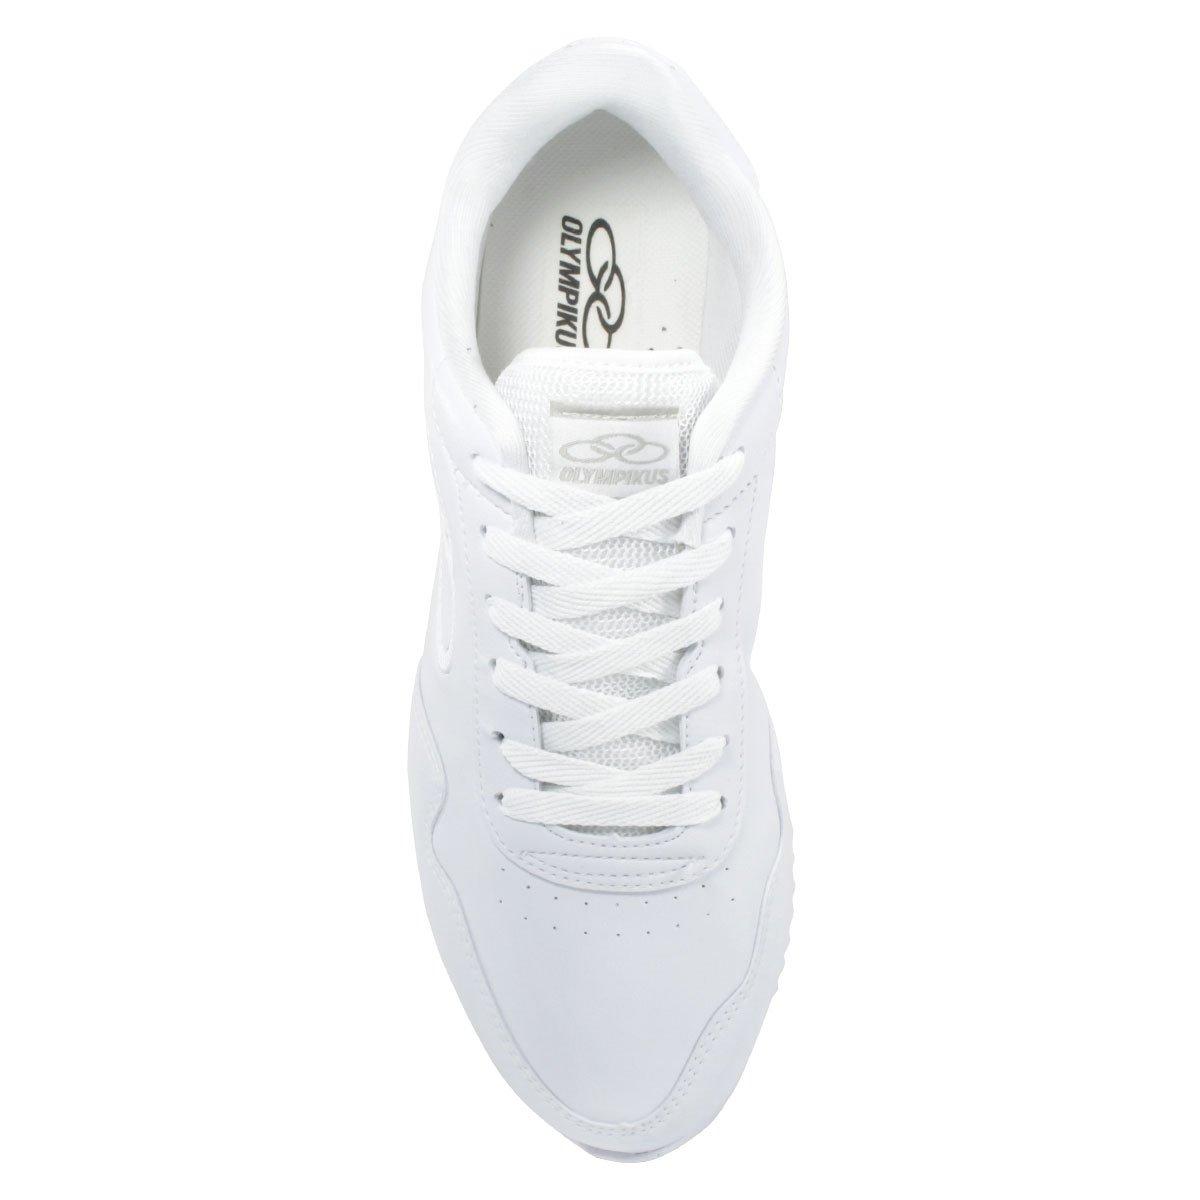 ... 200 Tênis Jogging Olympikus Tênis Branco 200 Tênis Branco 359 Olympikus  359 Jogging zwZAT7qaU 48cc9b55ad765